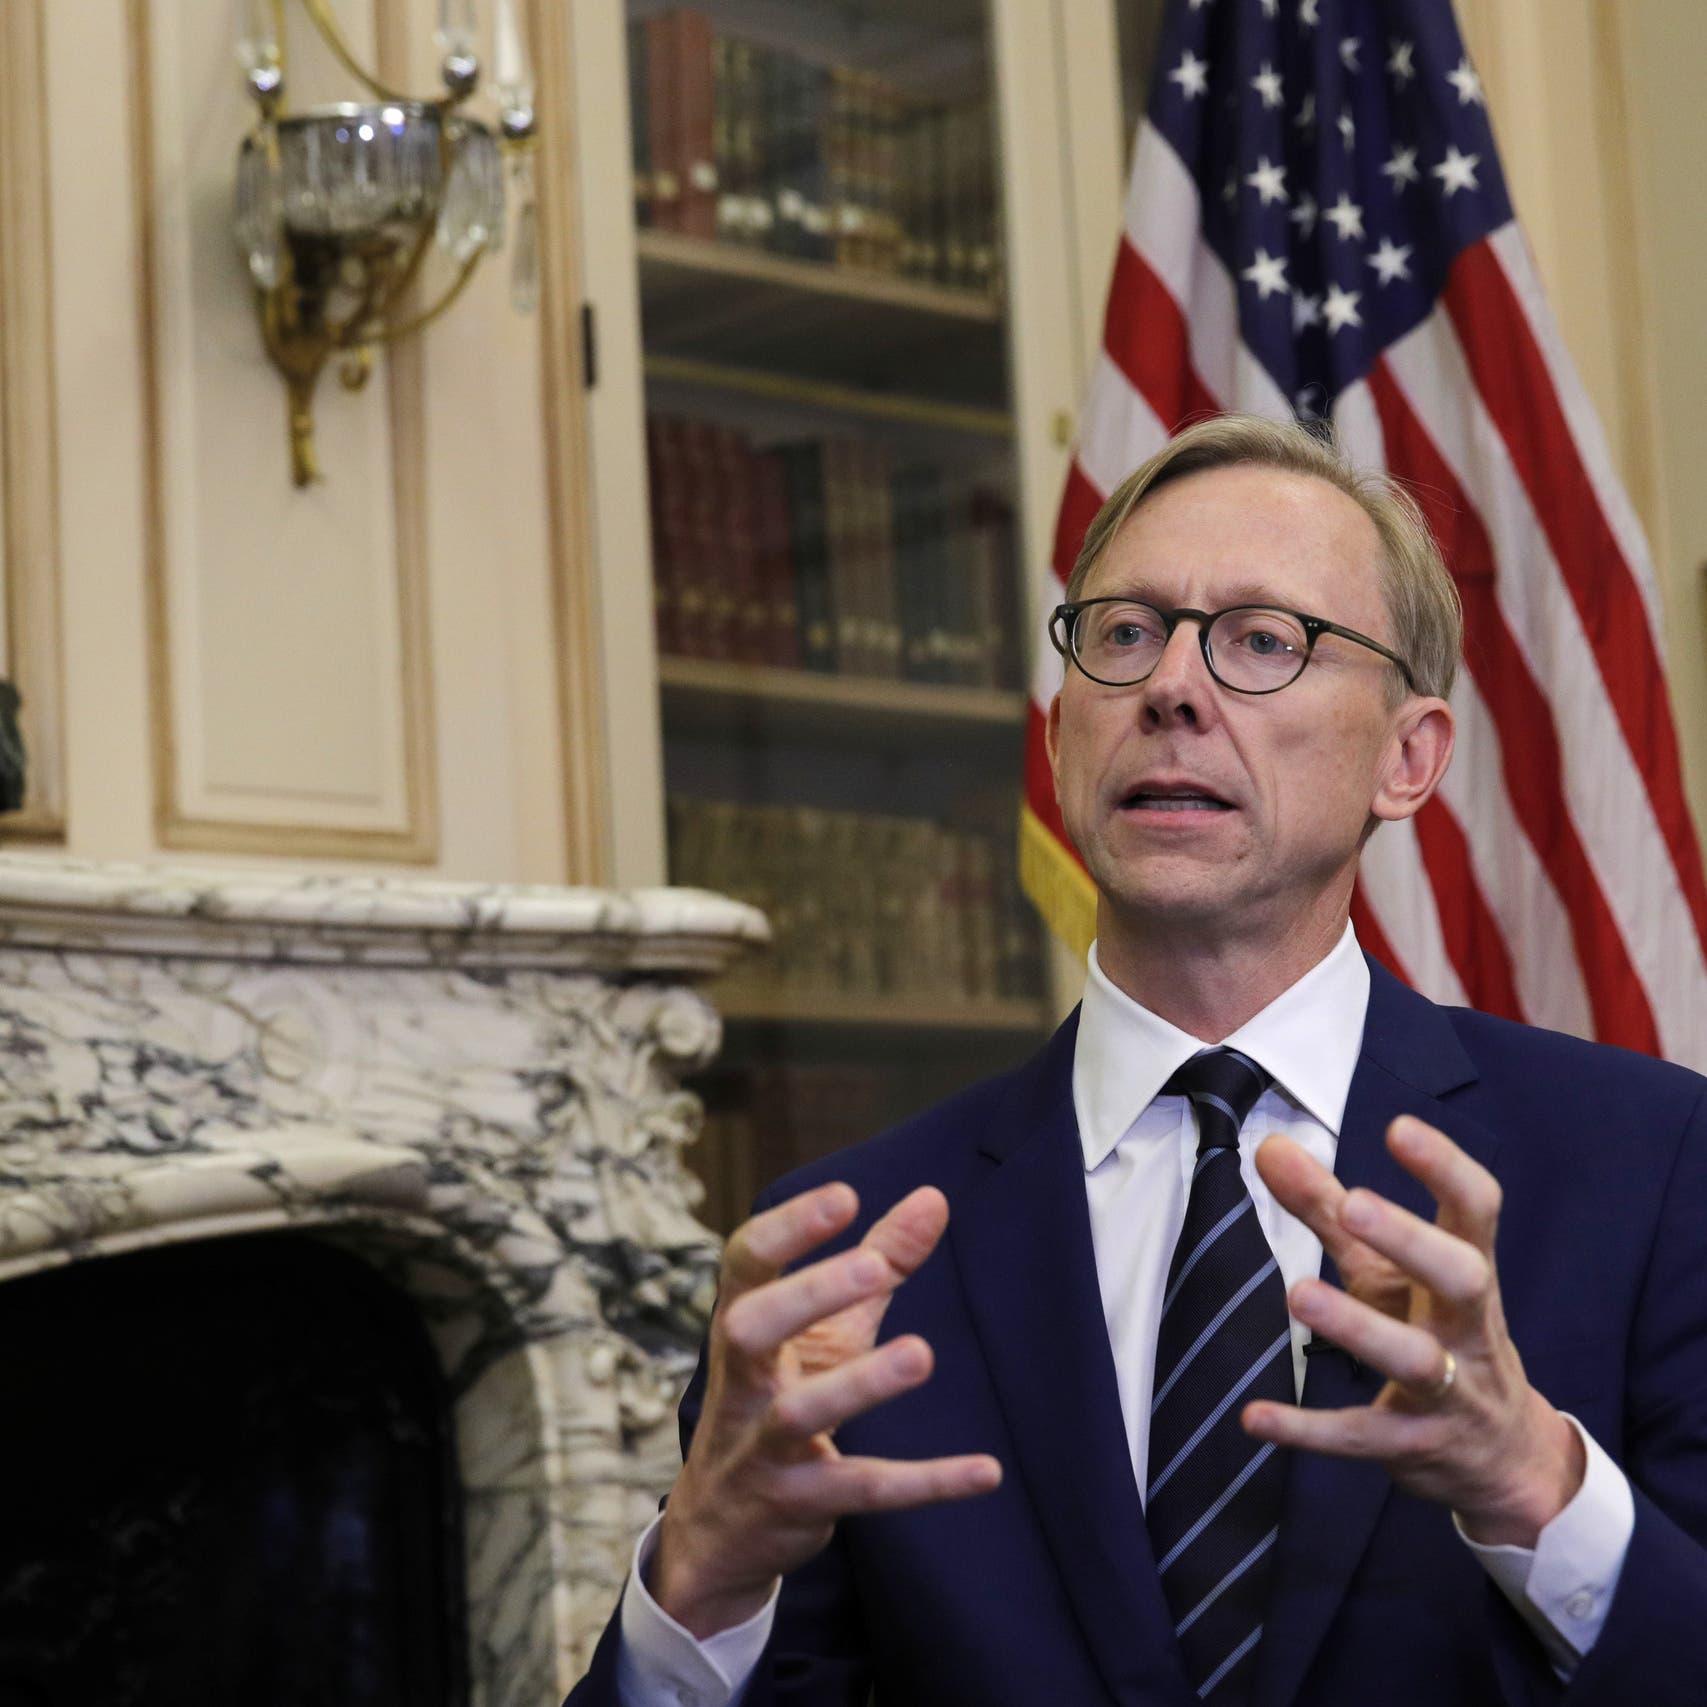 براين هوك: عقوبات قادمة ضد منتهكي الحريات في إيران